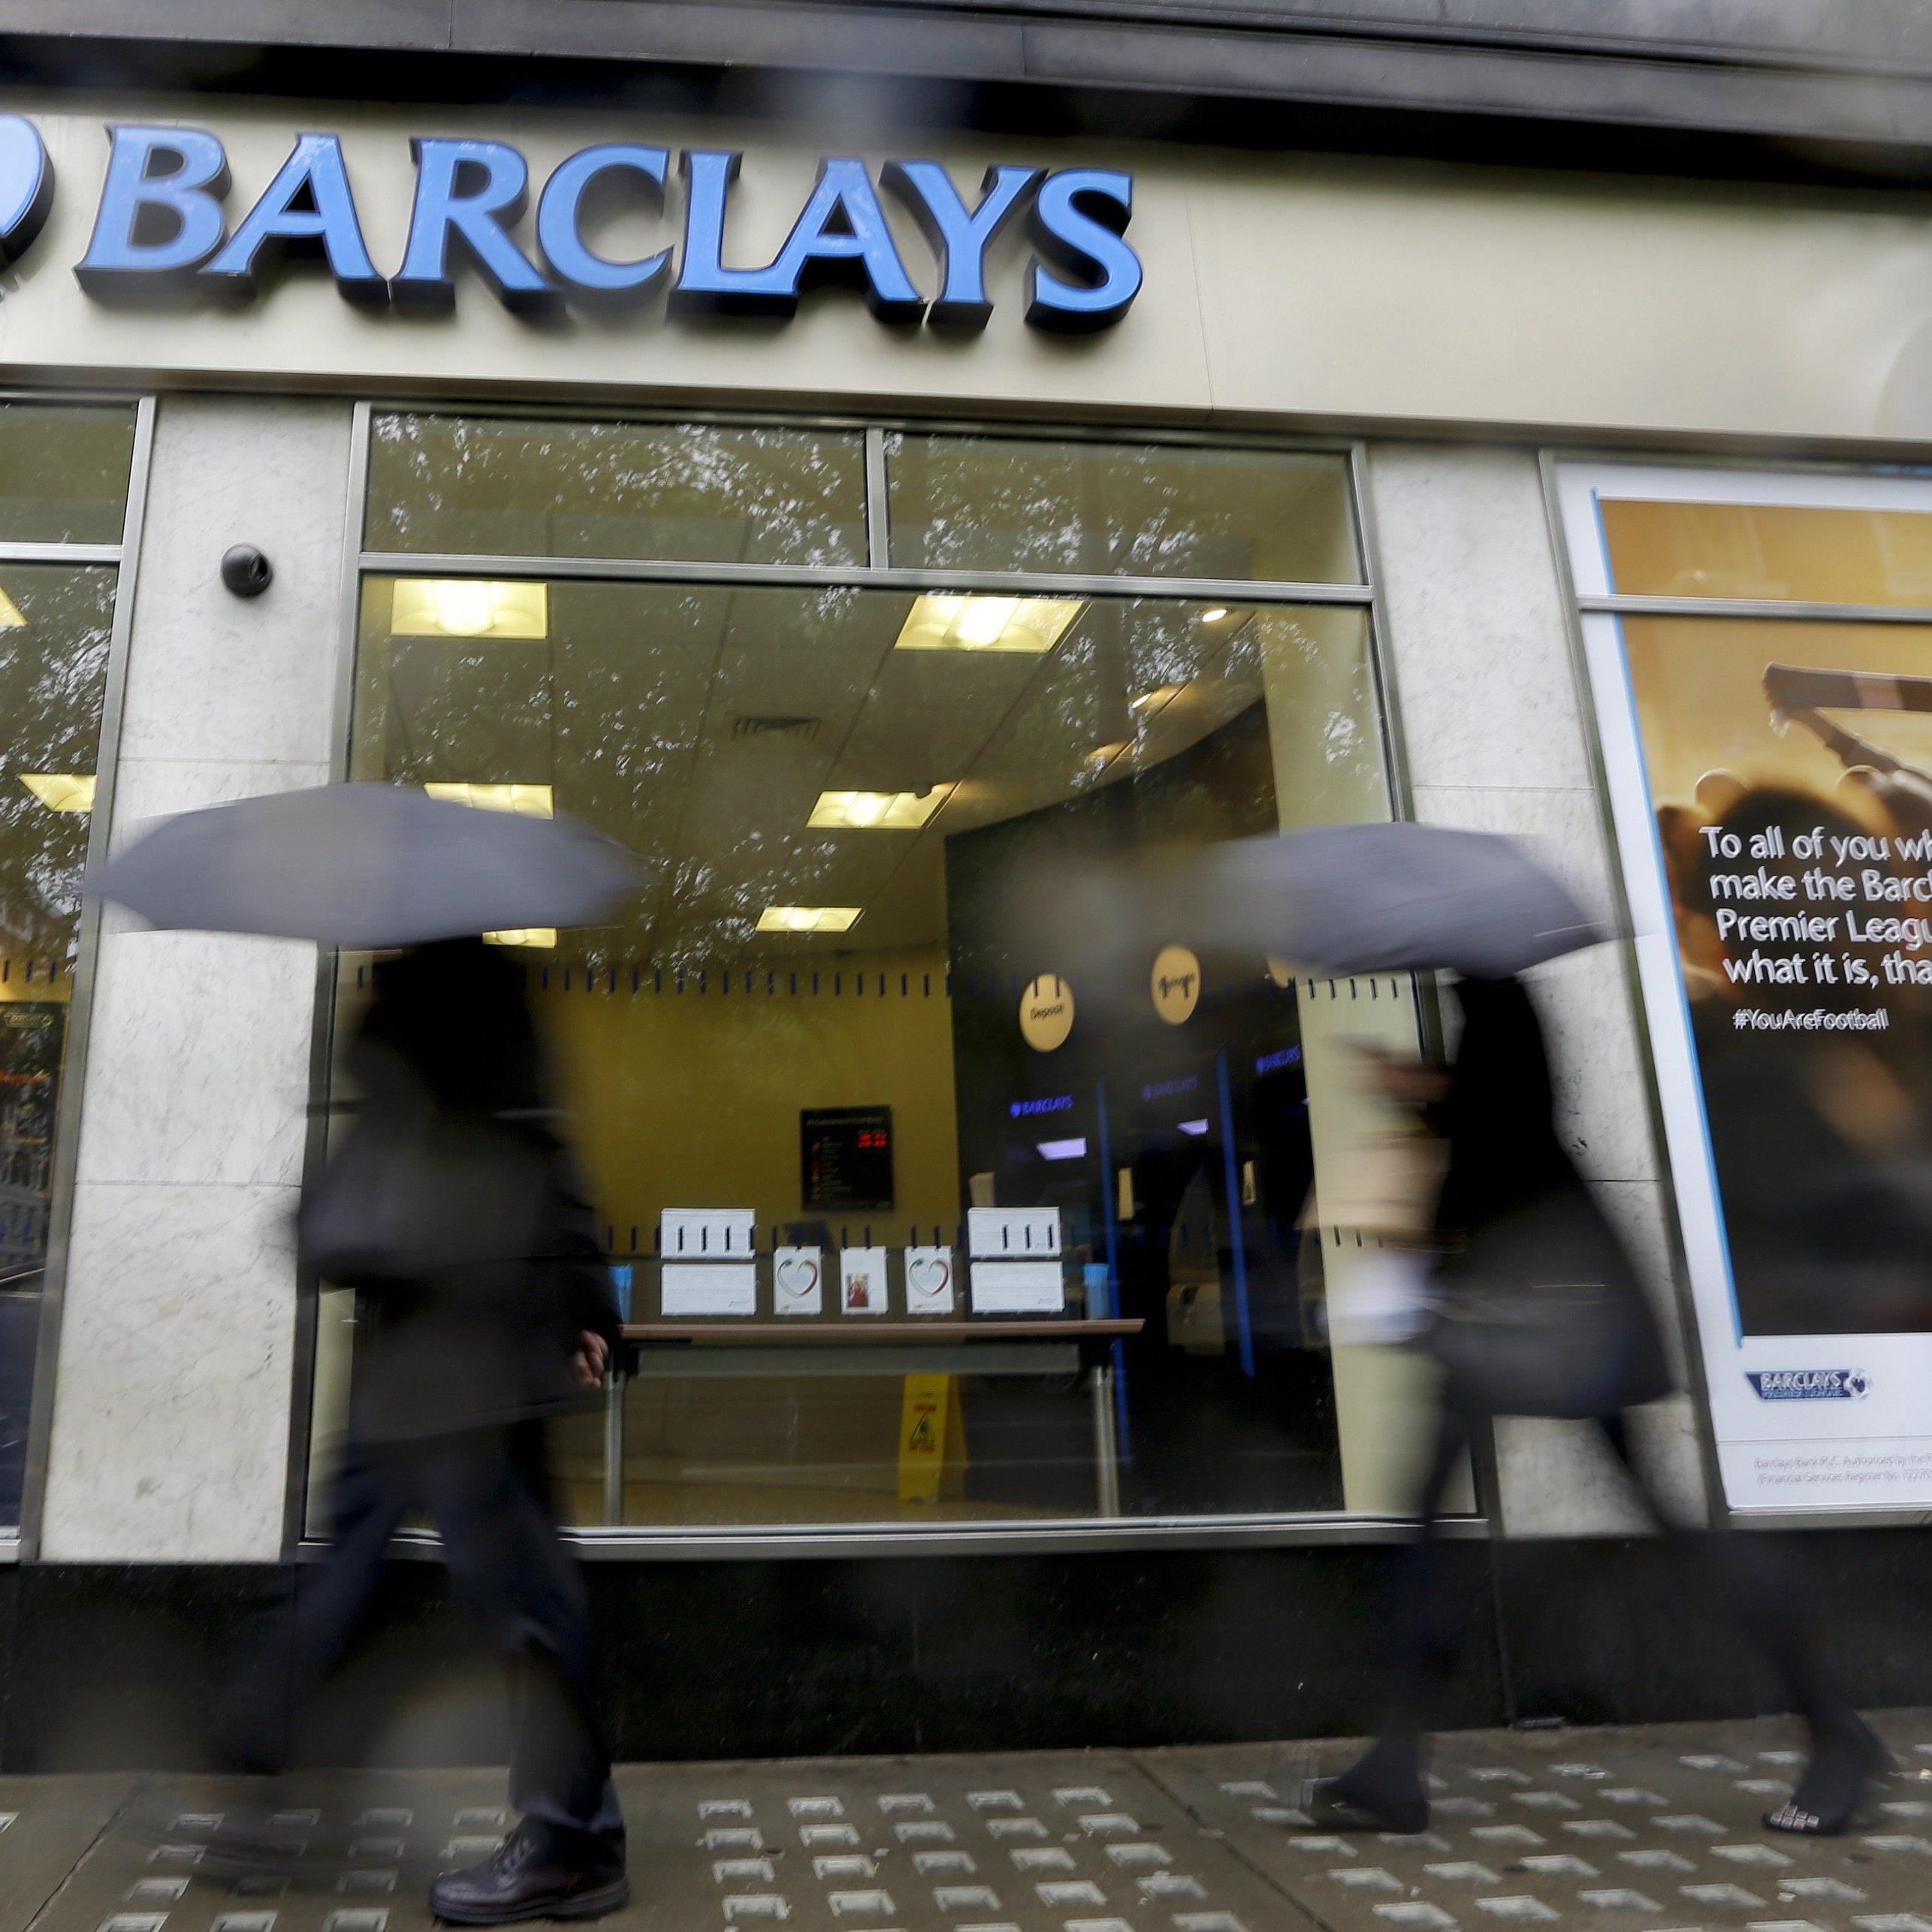 Nach überraschendem Chefwechsel: Barclays will mehr als 30.000 Stellen abbauen.